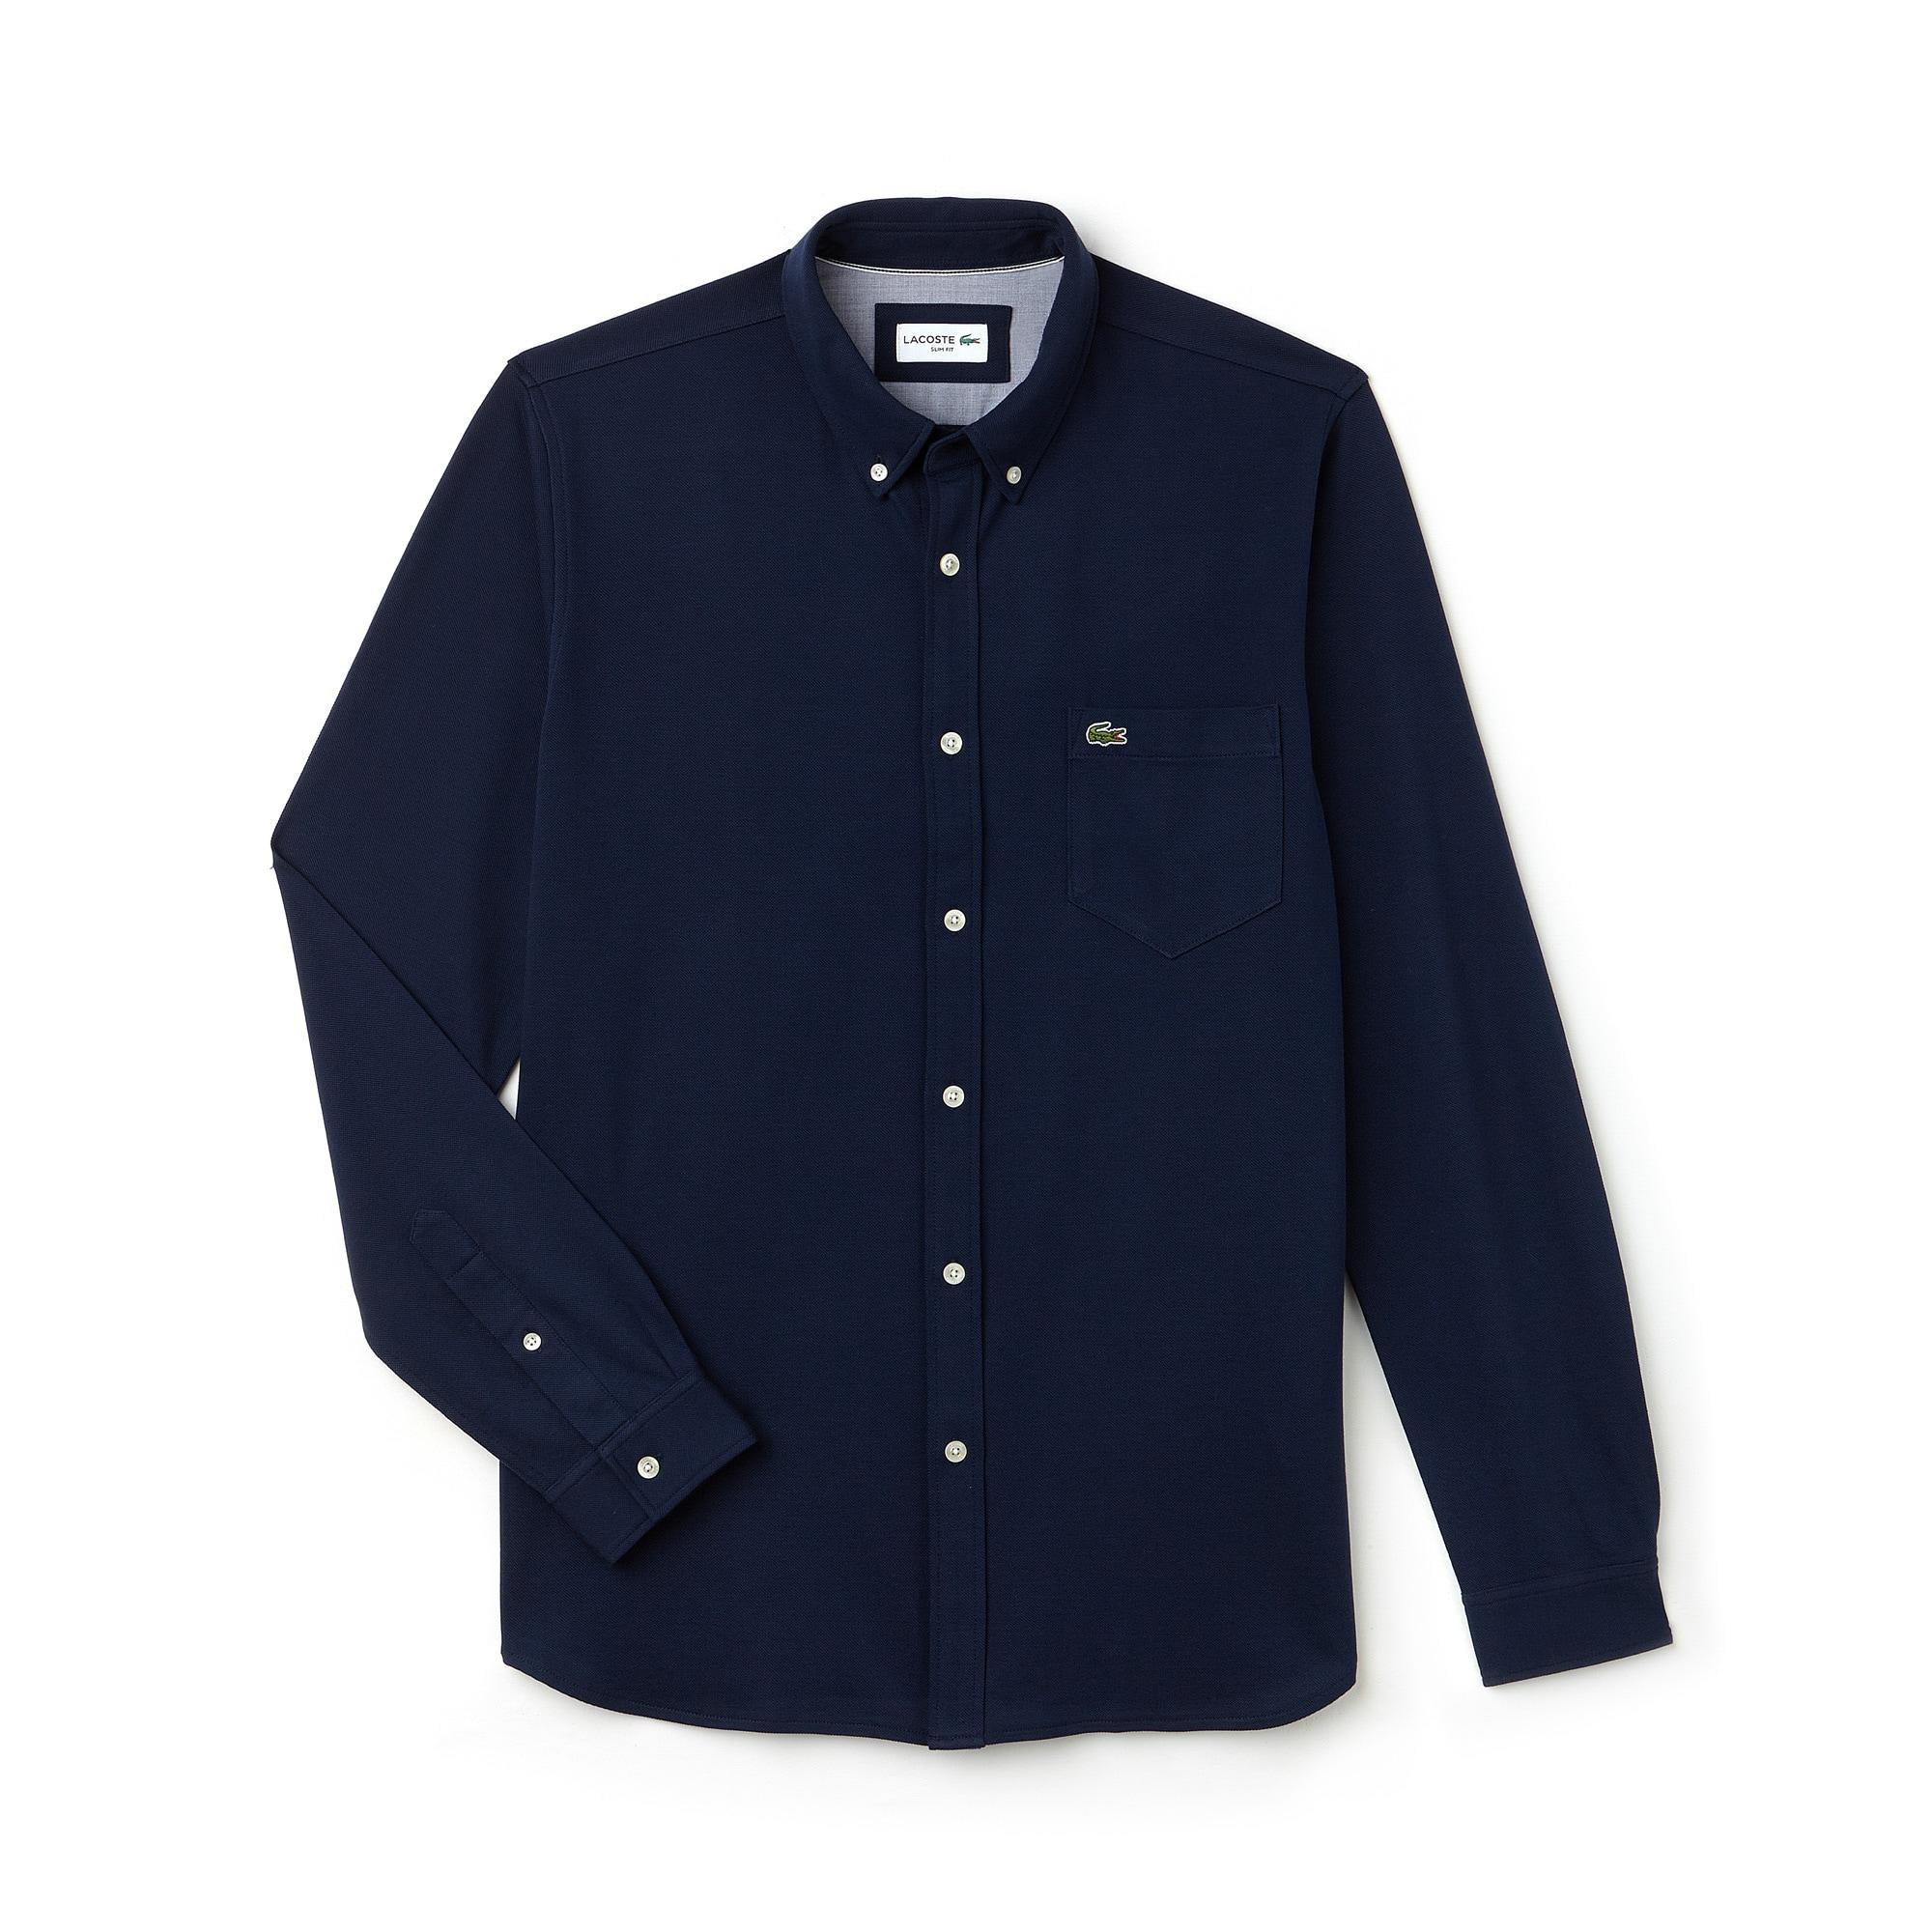 Men's Slim Fit Cotton Jersey Shirt